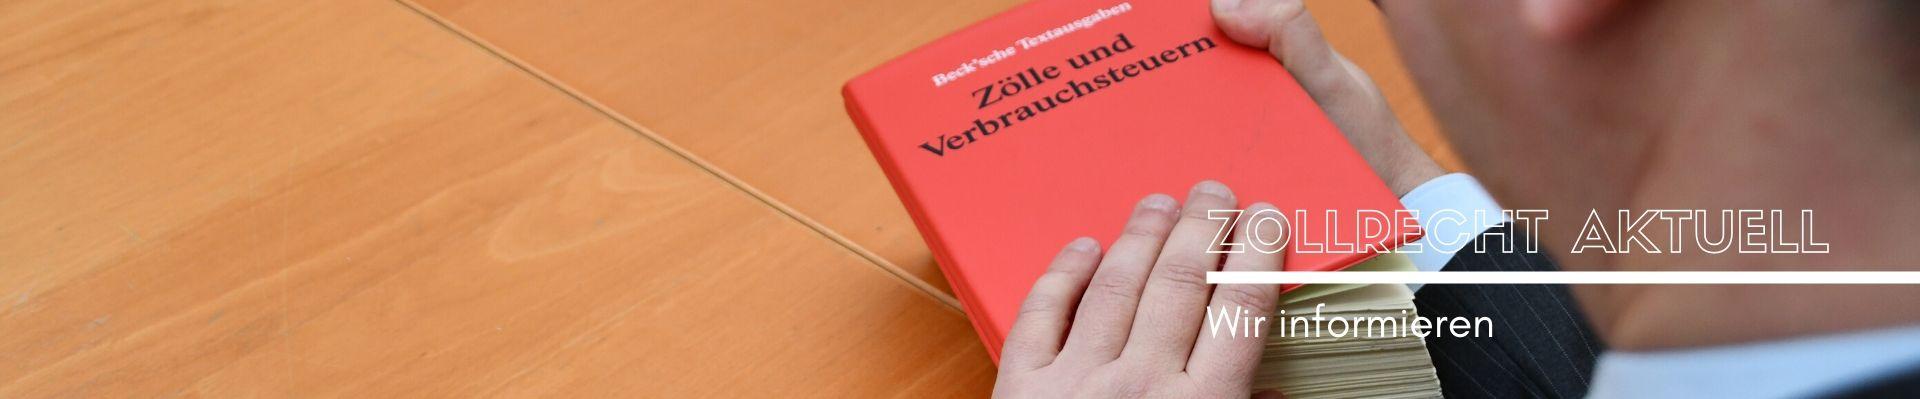 Rechtsanwalt Axel Krause - Zollrecht Aktuell